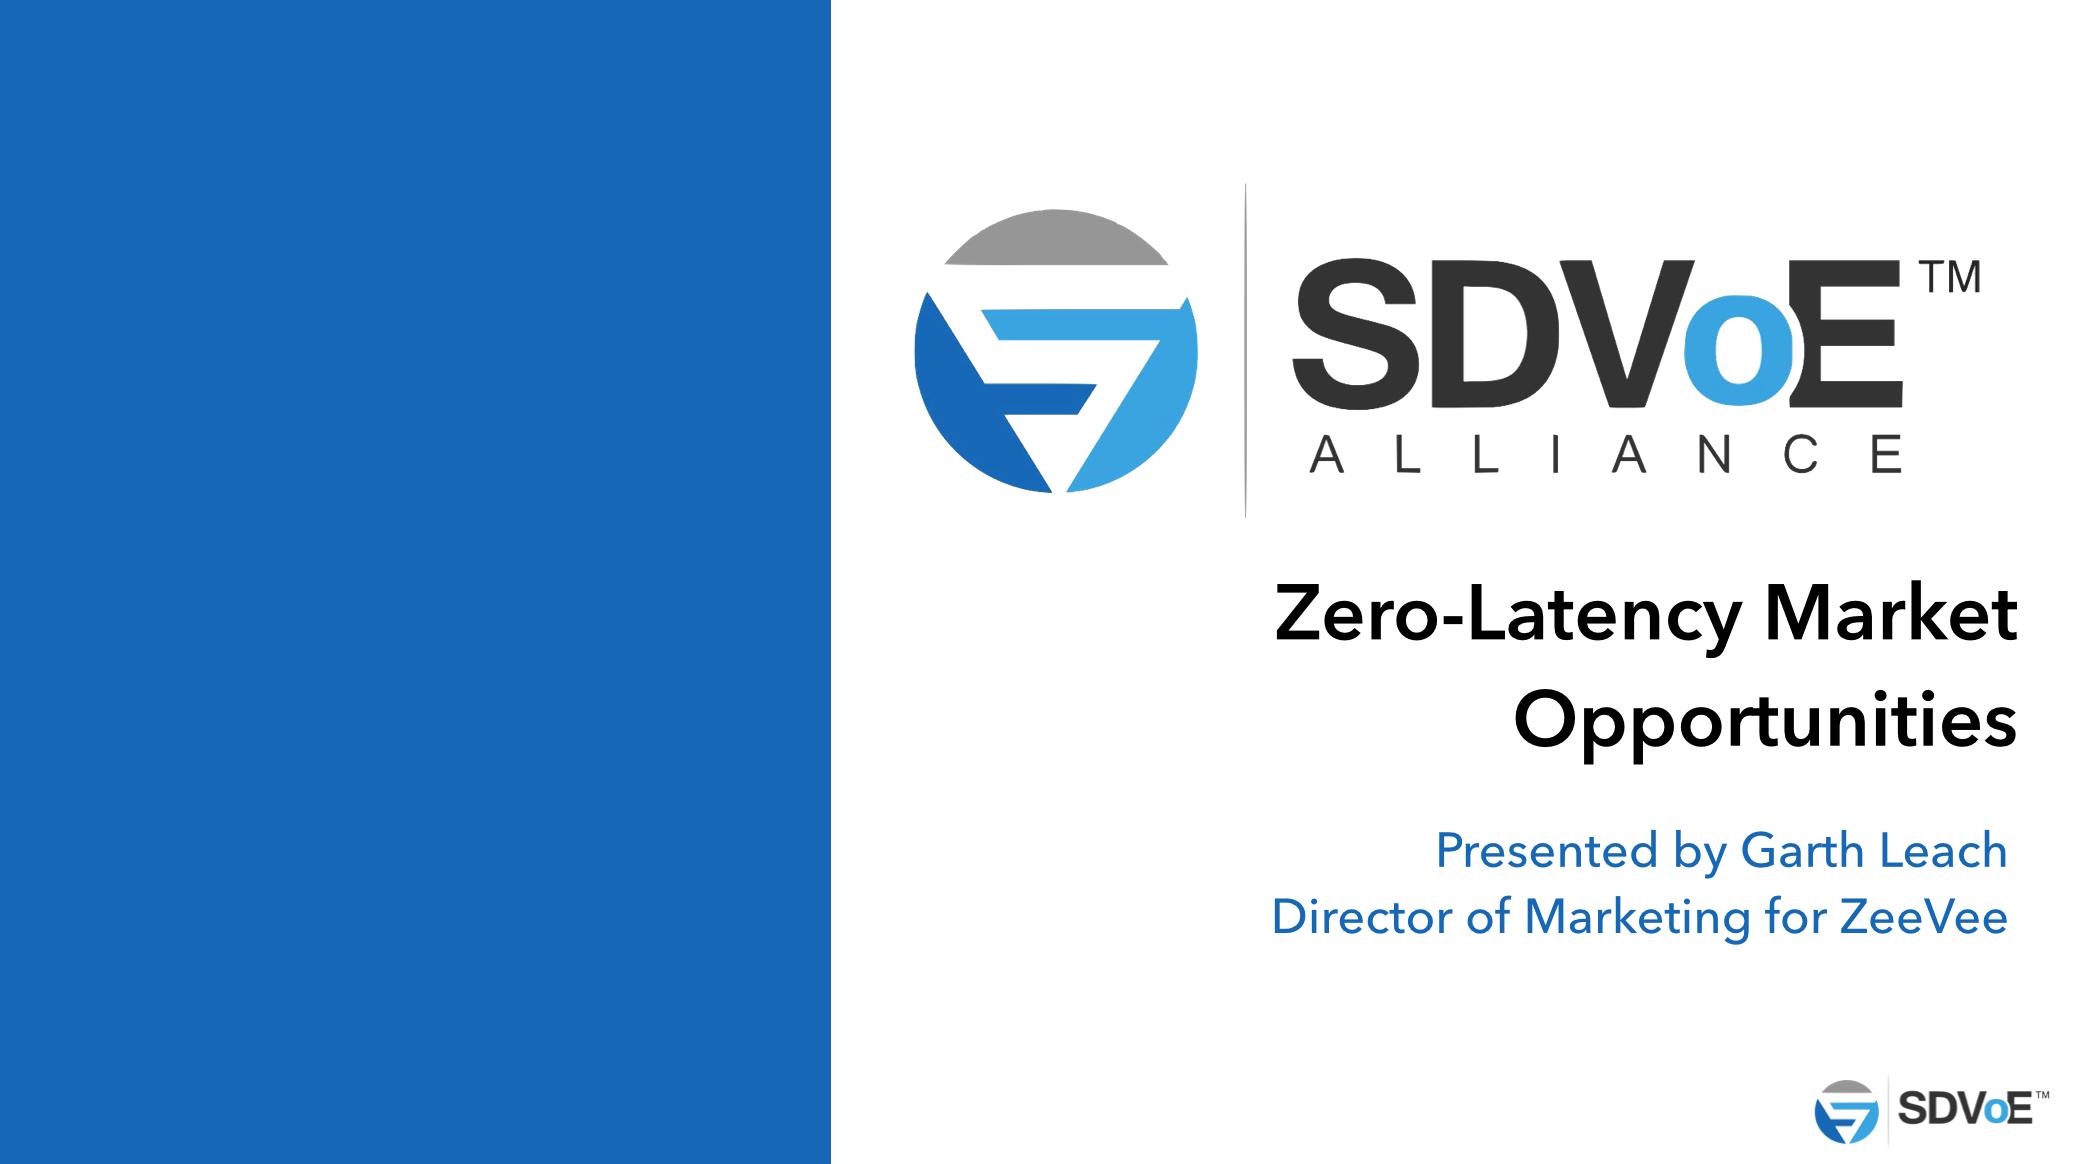 Zero-Latency Market Opportunities